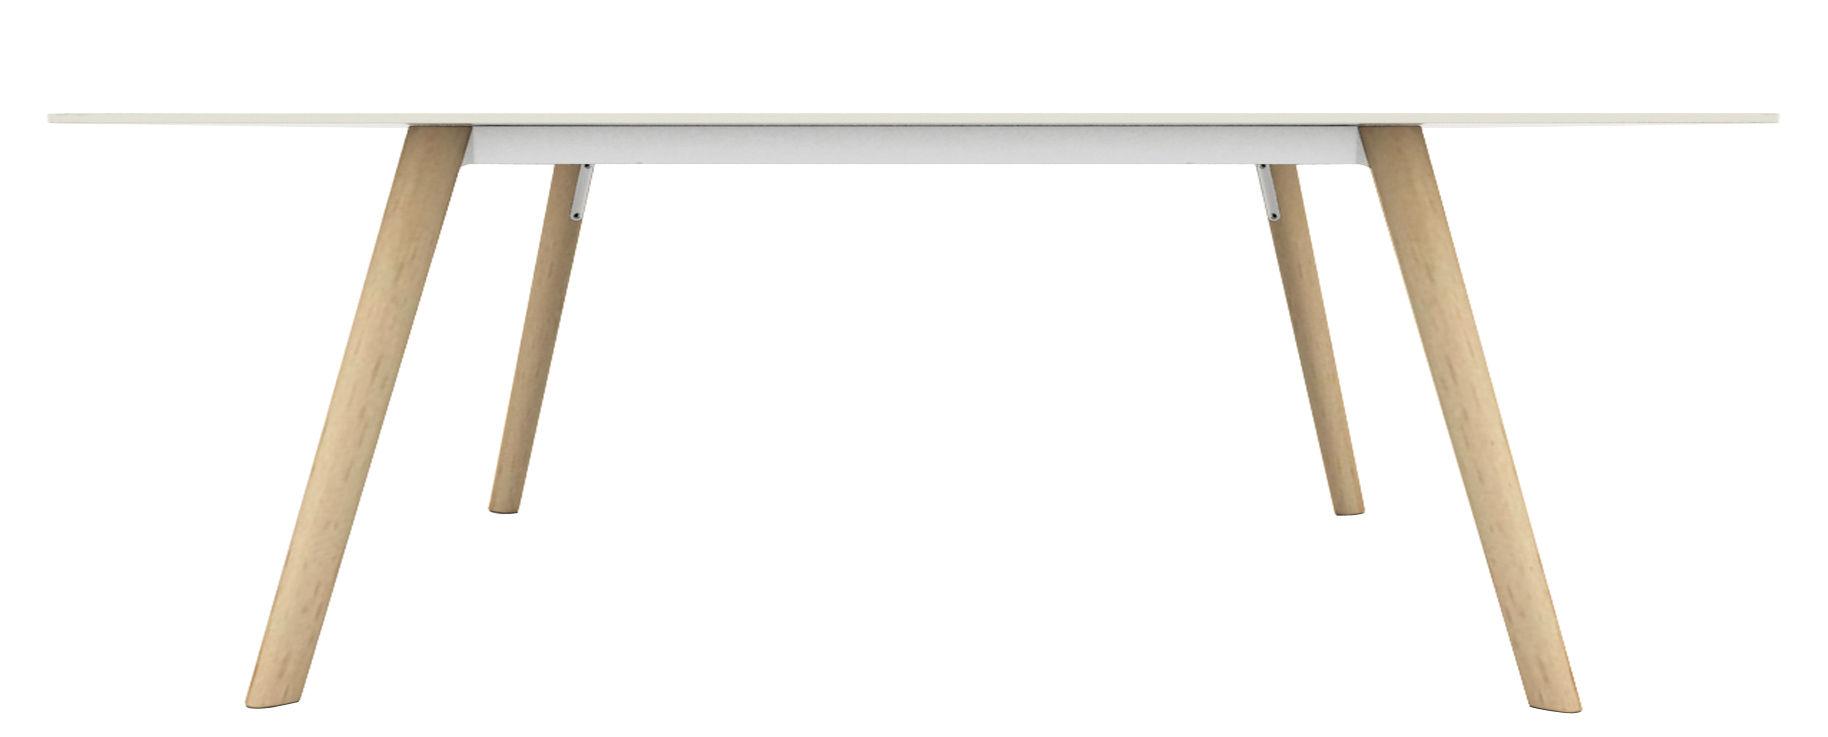 Mobilier - Tables - Table Pilo / 200 x 90 cm - Magis - Bois naturel / blanc - Fonte d'aluminium, Frêne massif, HPL